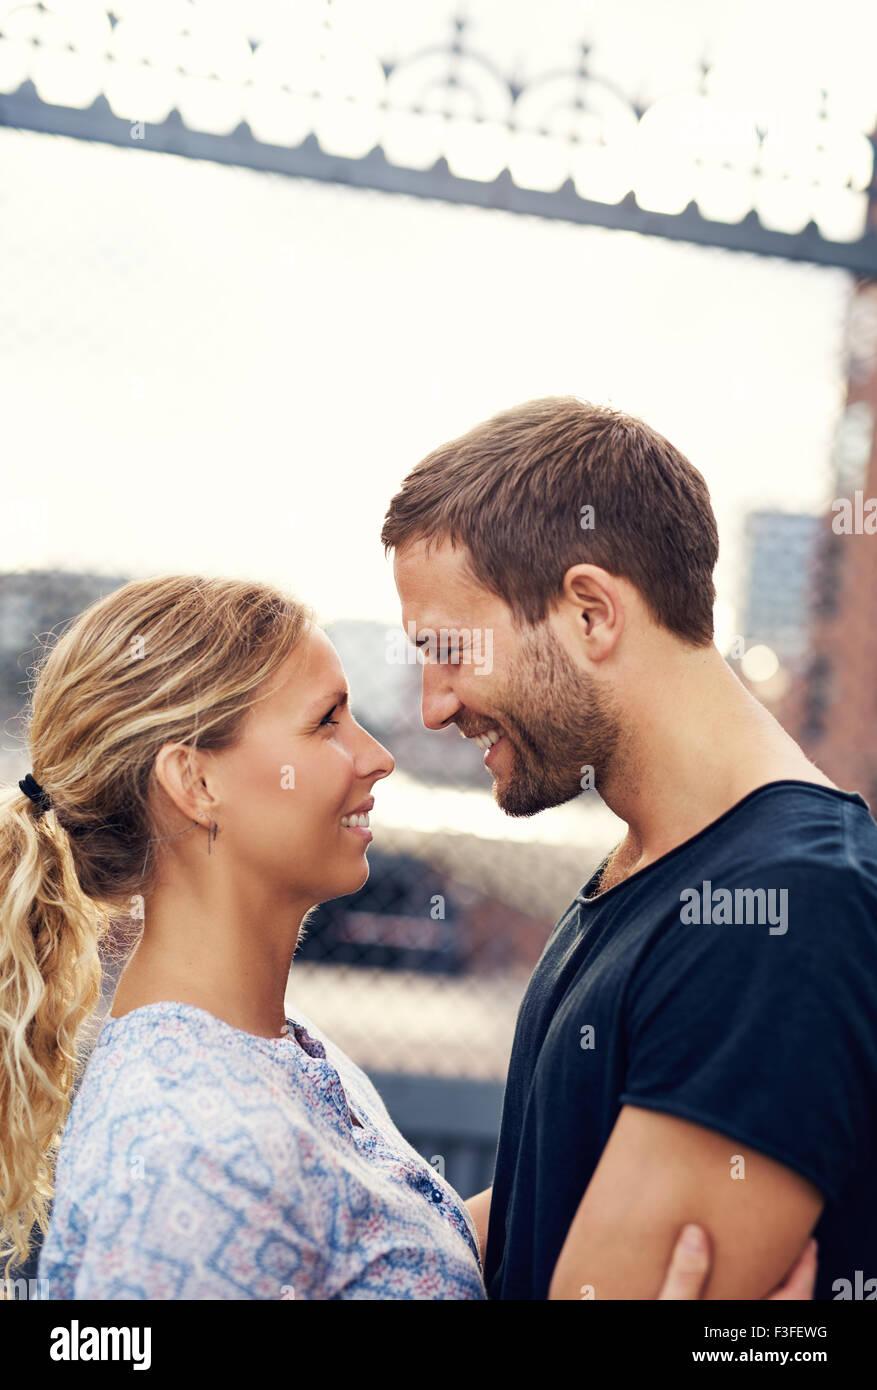 Blanco pareja amorosa en la ciudad, mirando en cada otros ojos Imagen De Stock